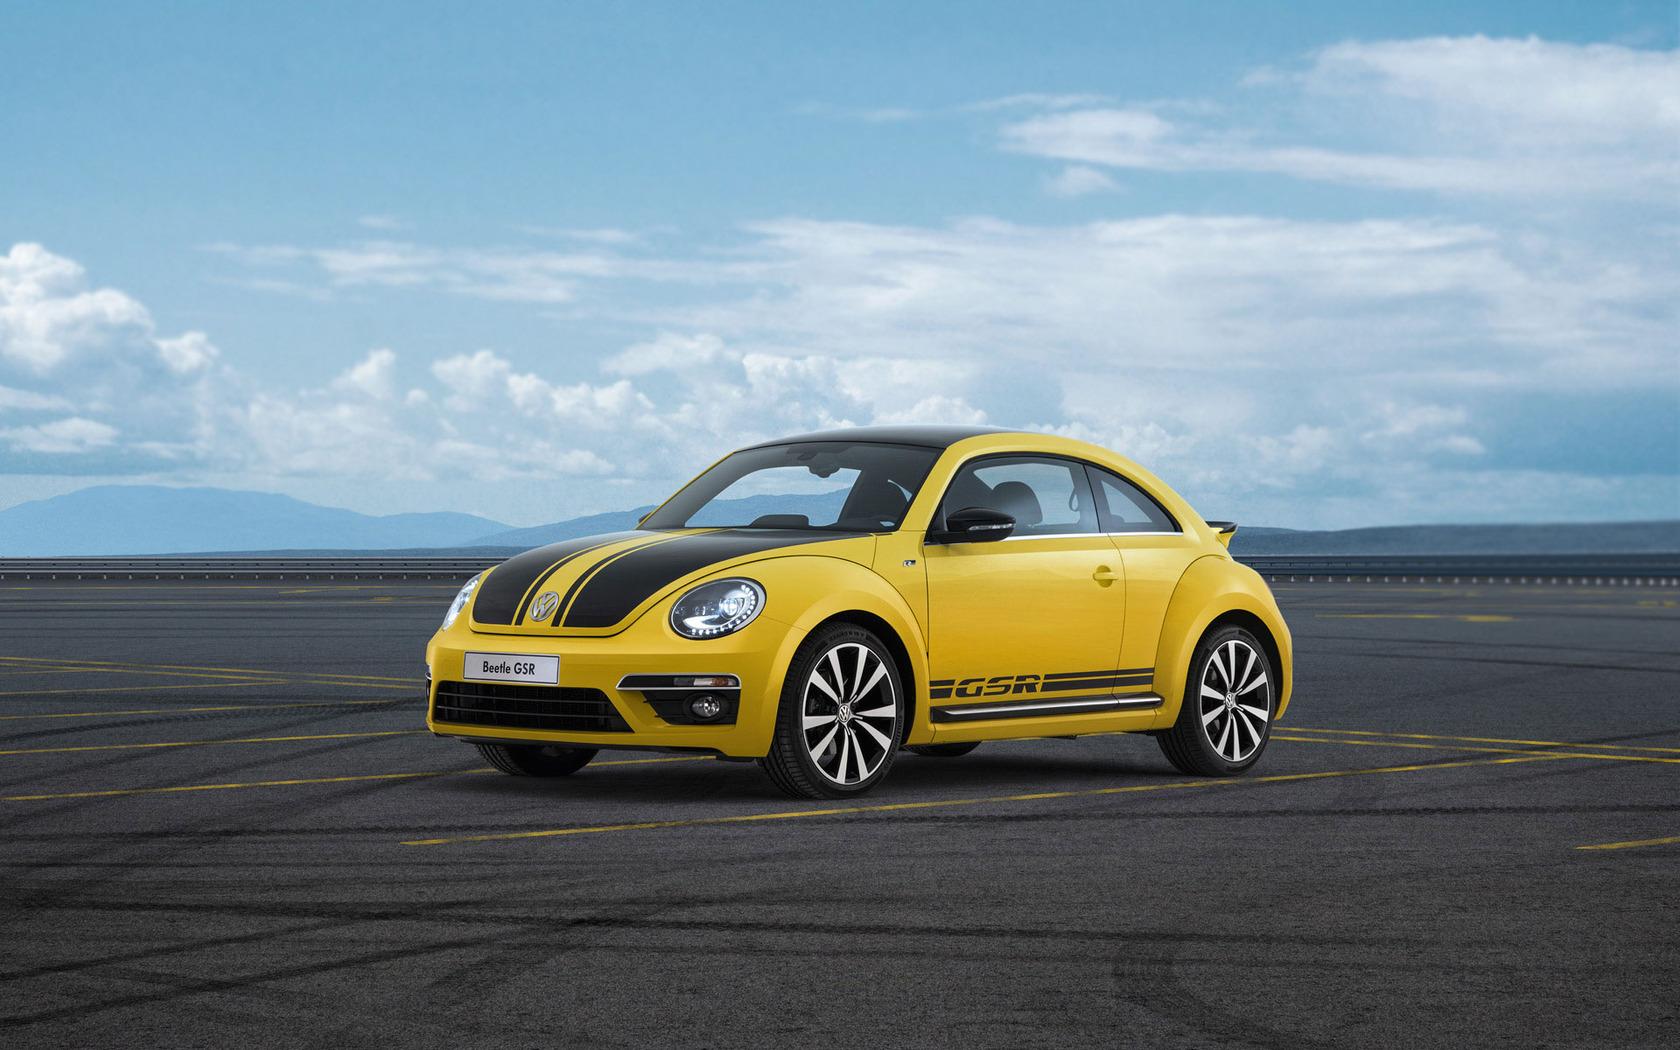 Download 2013 Volkswagen Beetle GSR wallpaper 1680x1050